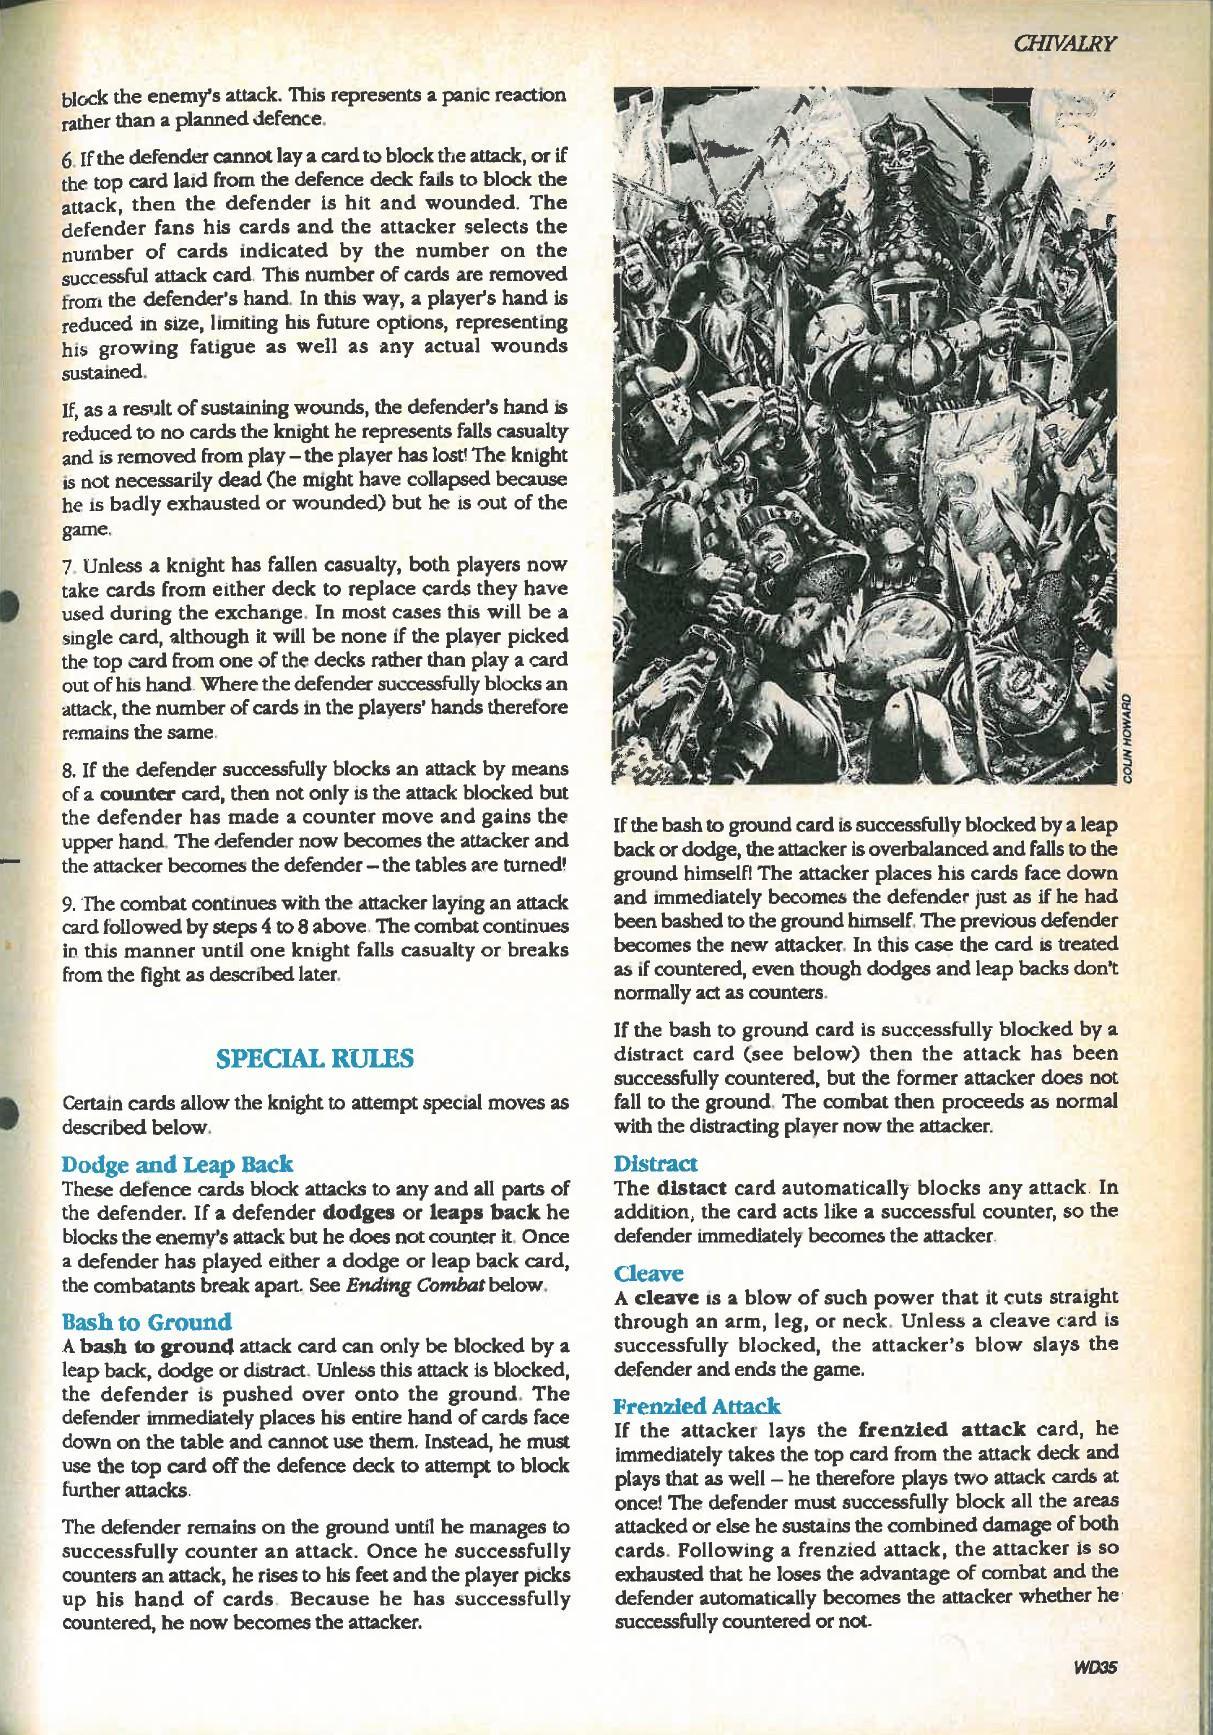 Chivalry, Copyright Games Workshop, Retro Review, Warhammer Fantasy, White Dwarf